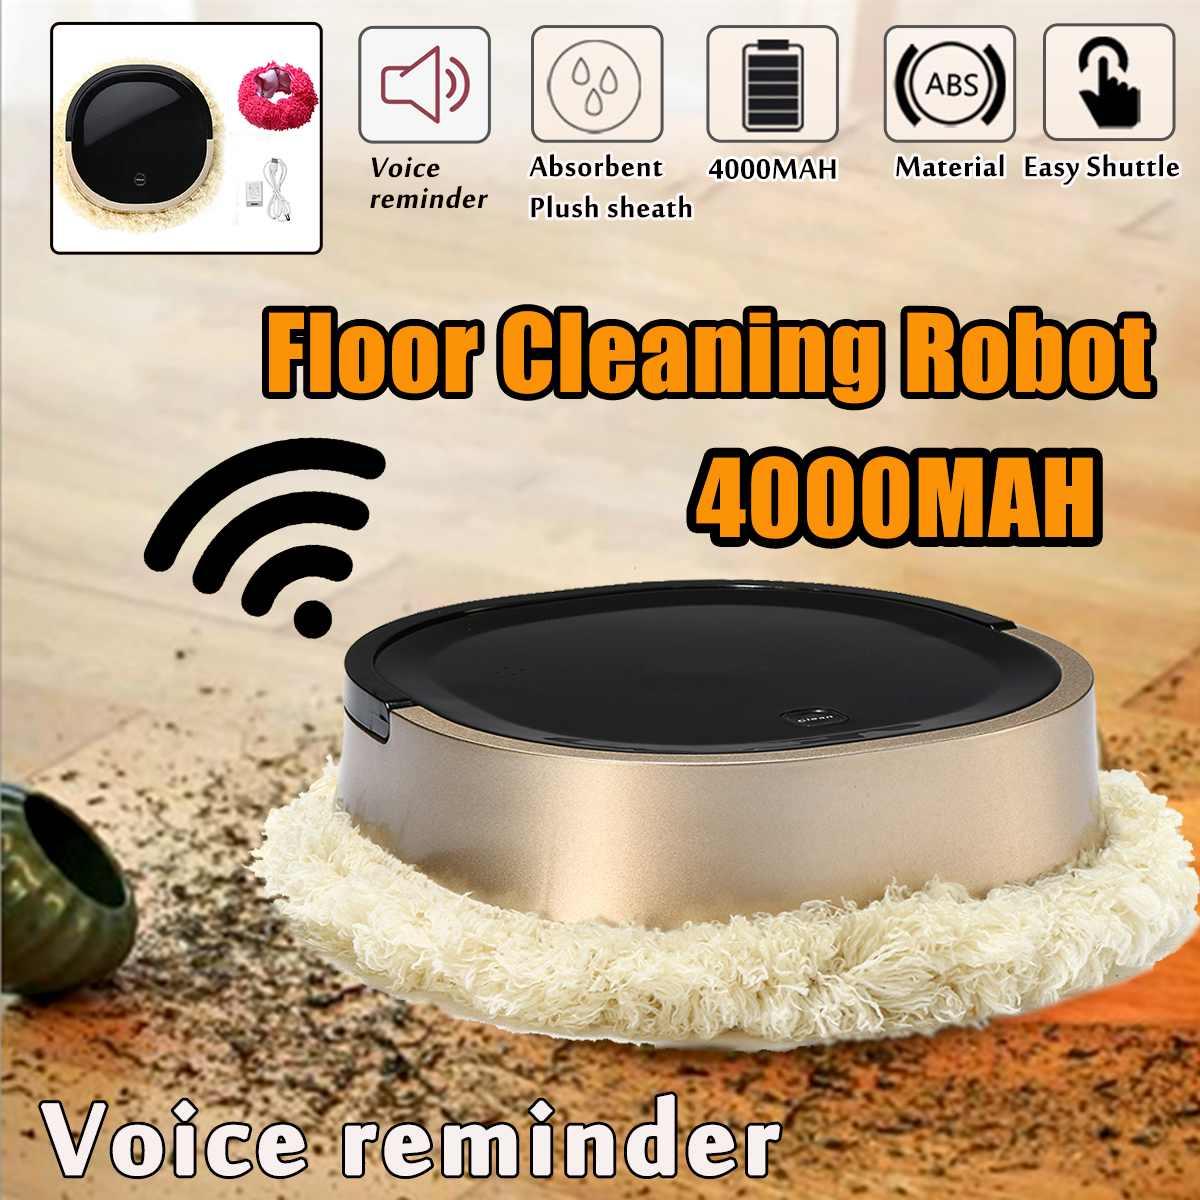 4000MAH sans fil ménage Intelligent automatique ménage Machine de nettoyage de sol Robot Intelligent Robot aspirateur maison